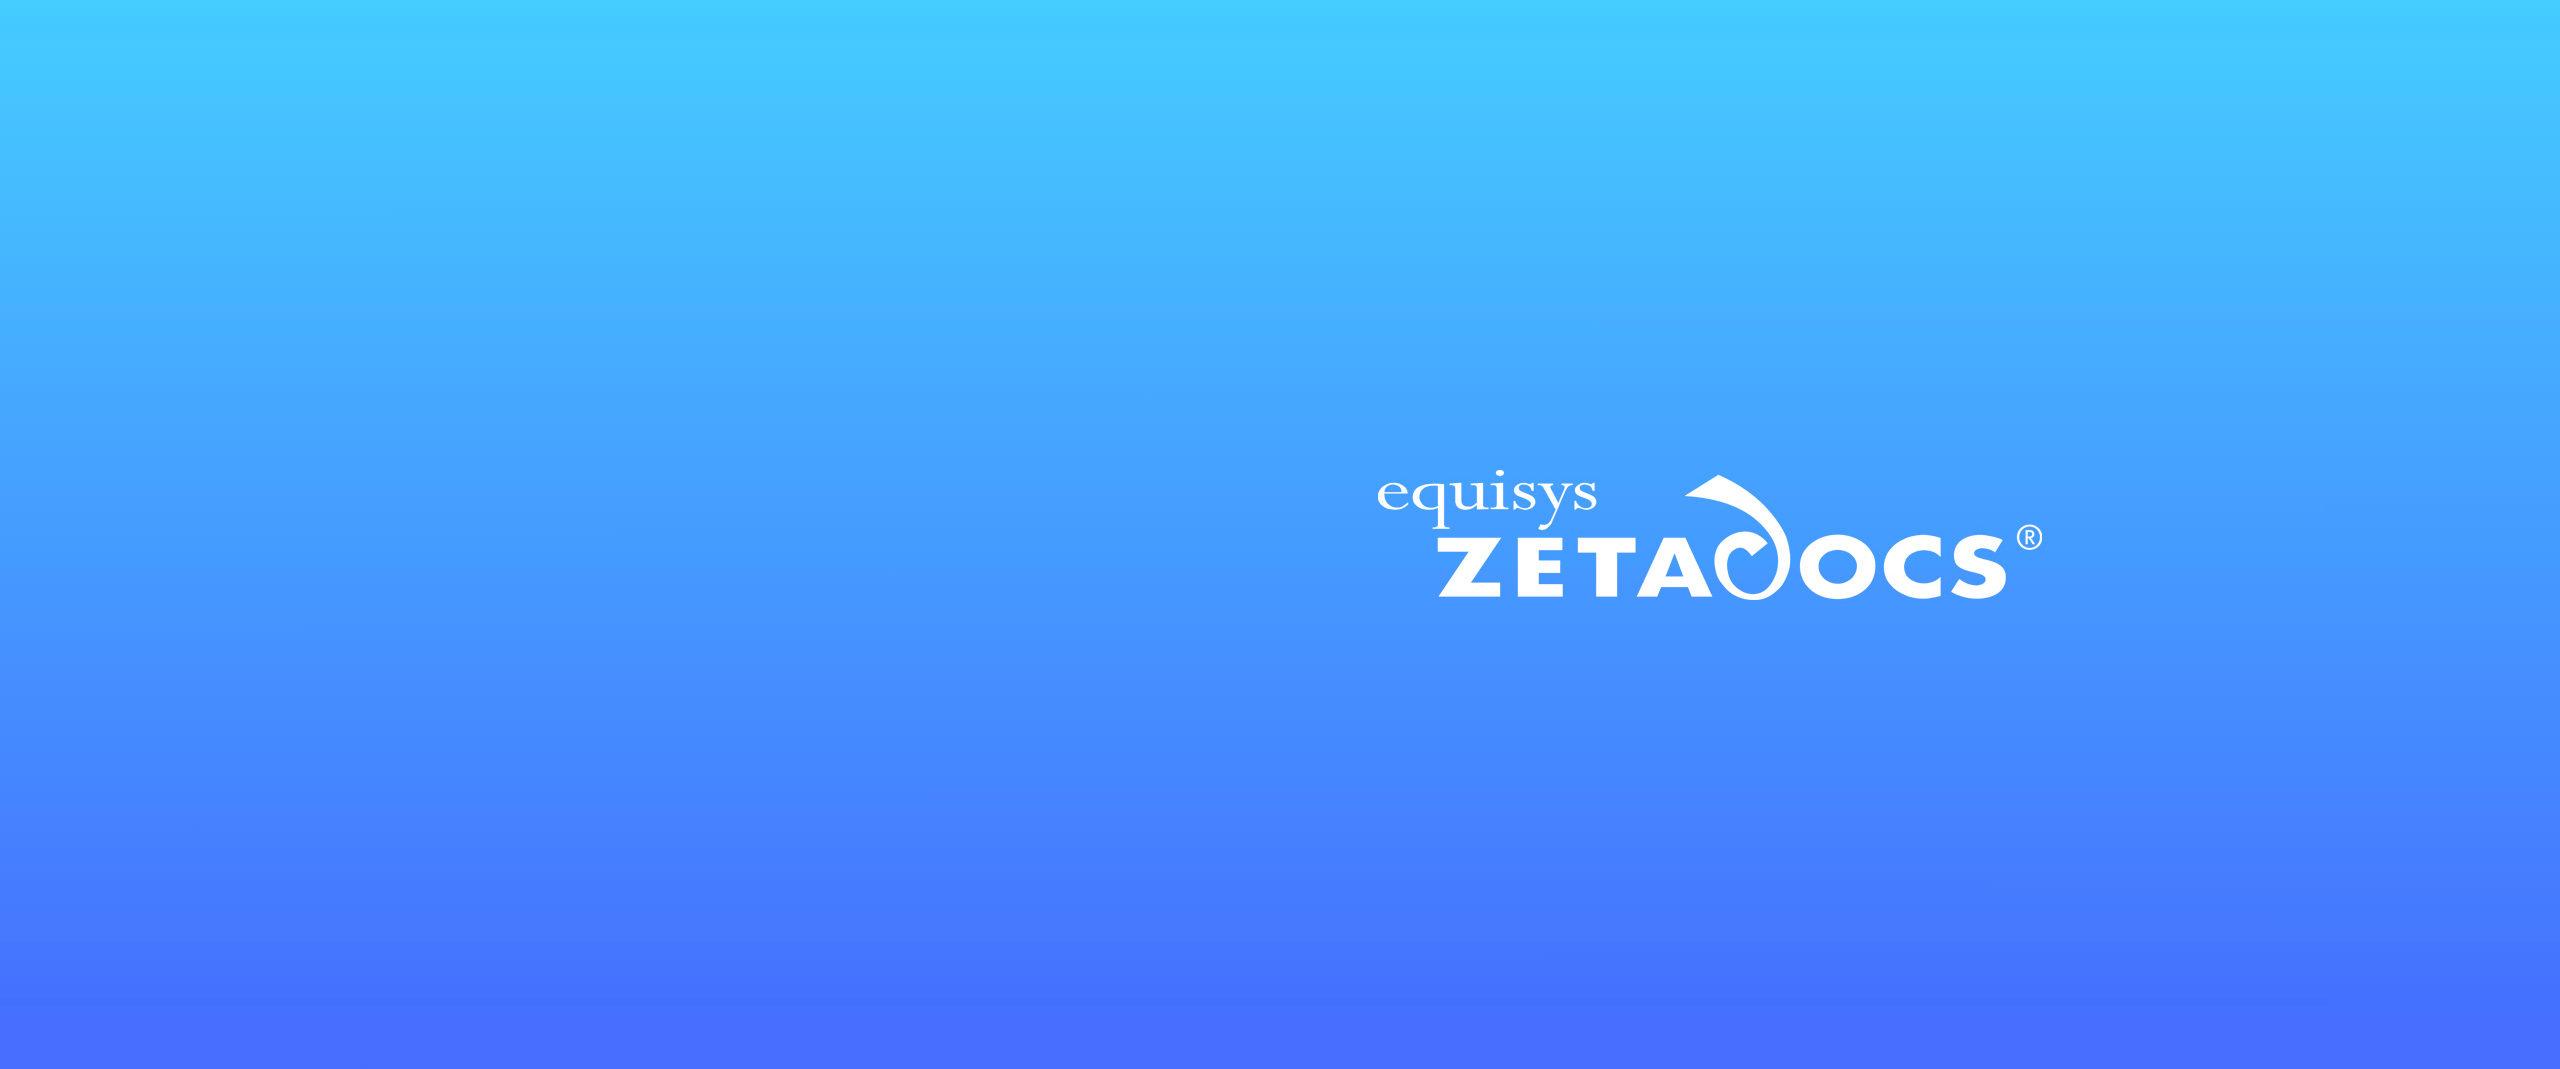 Equisys Zetadocs solution